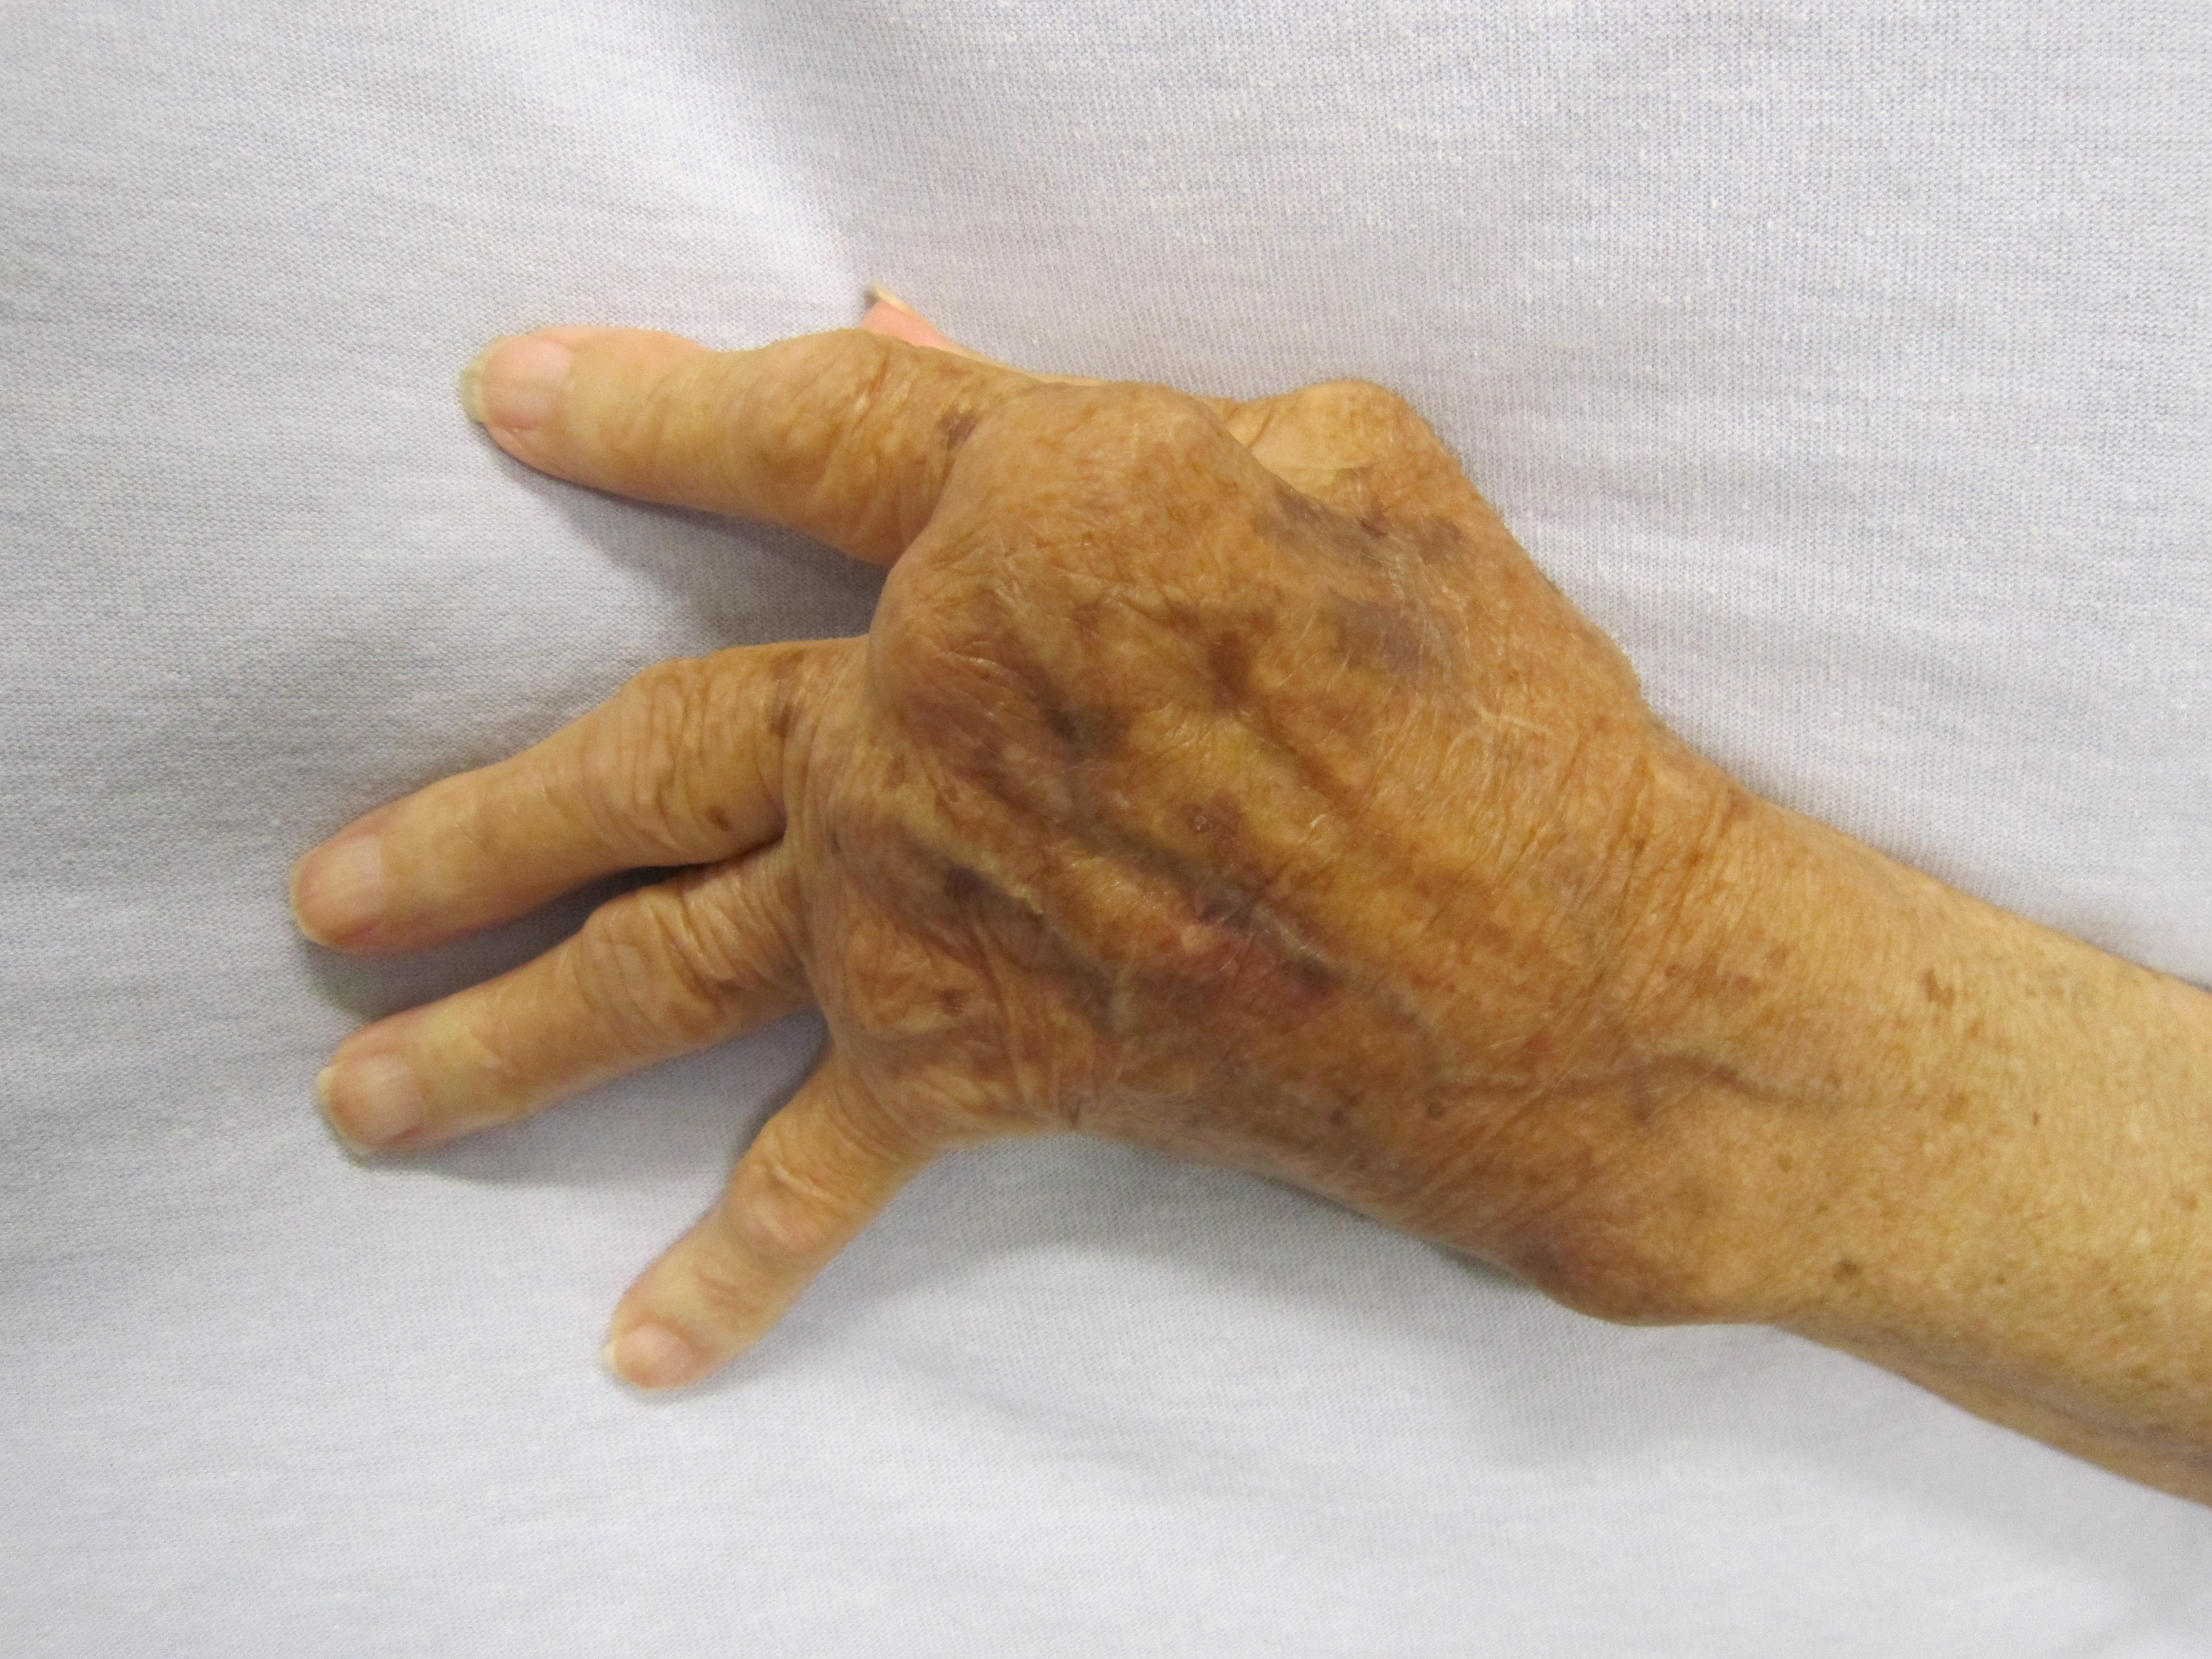 térdízület ízületi műtét a kezére esett fáj az ízület